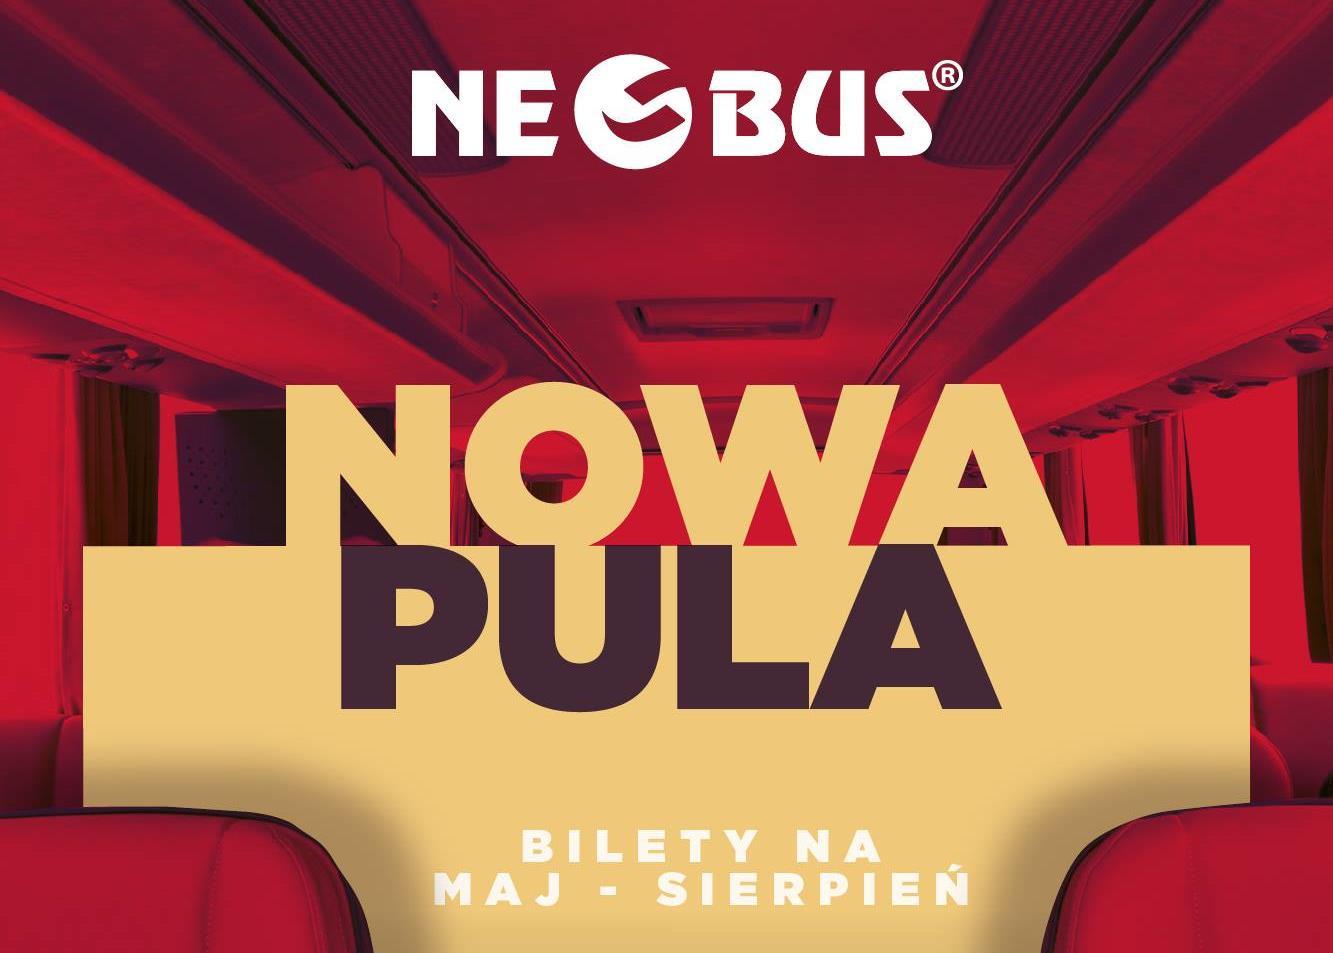 Neobus: bilety od 1 PLN. Największa promocyjna pula (także na wakacje!)